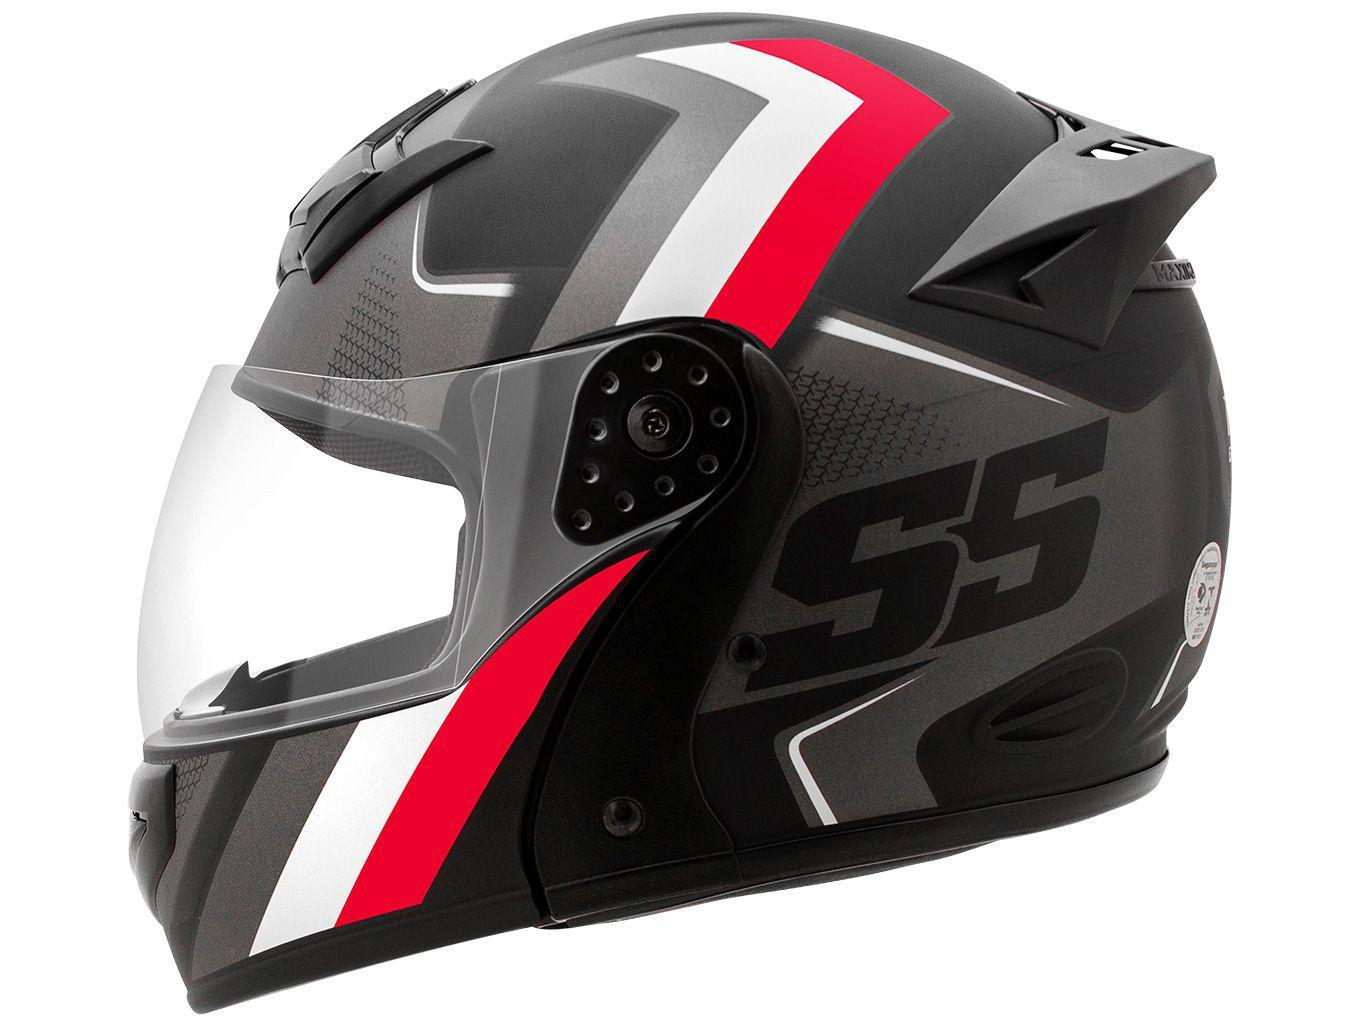 Capacete de Moto Articulado Mixs Helmets - Gladiator Super Speed Cinza e Vermelho Tamanho 56